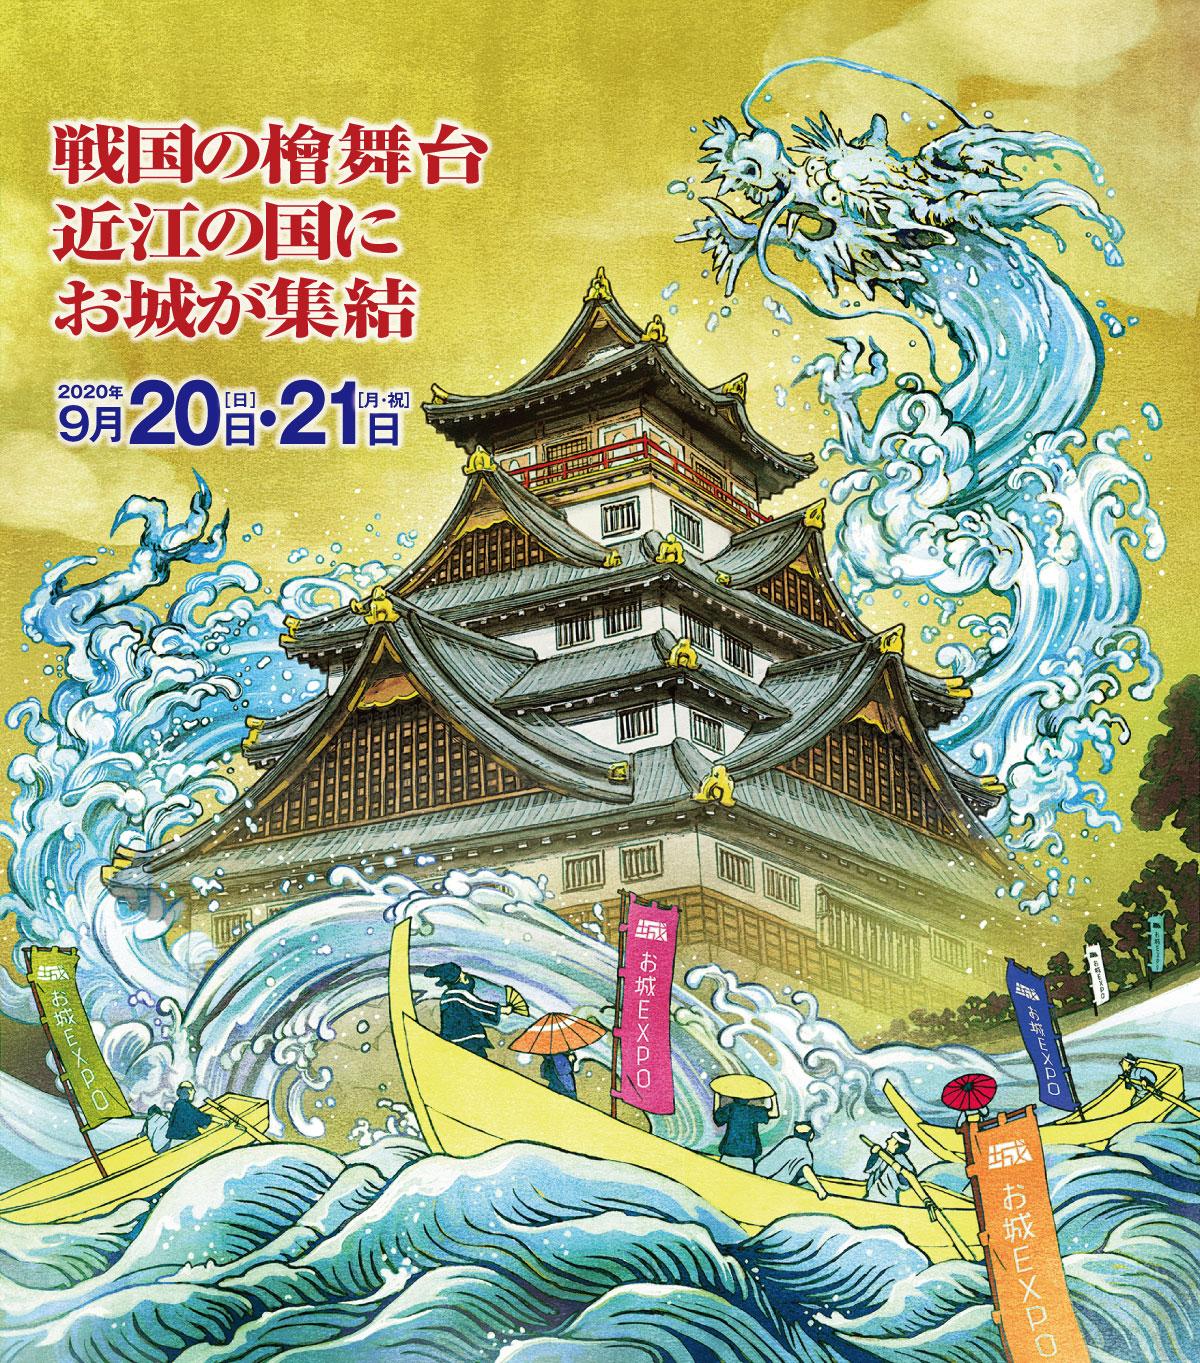 出張!お城EXPOin滋賀・びわ湖【pickup】